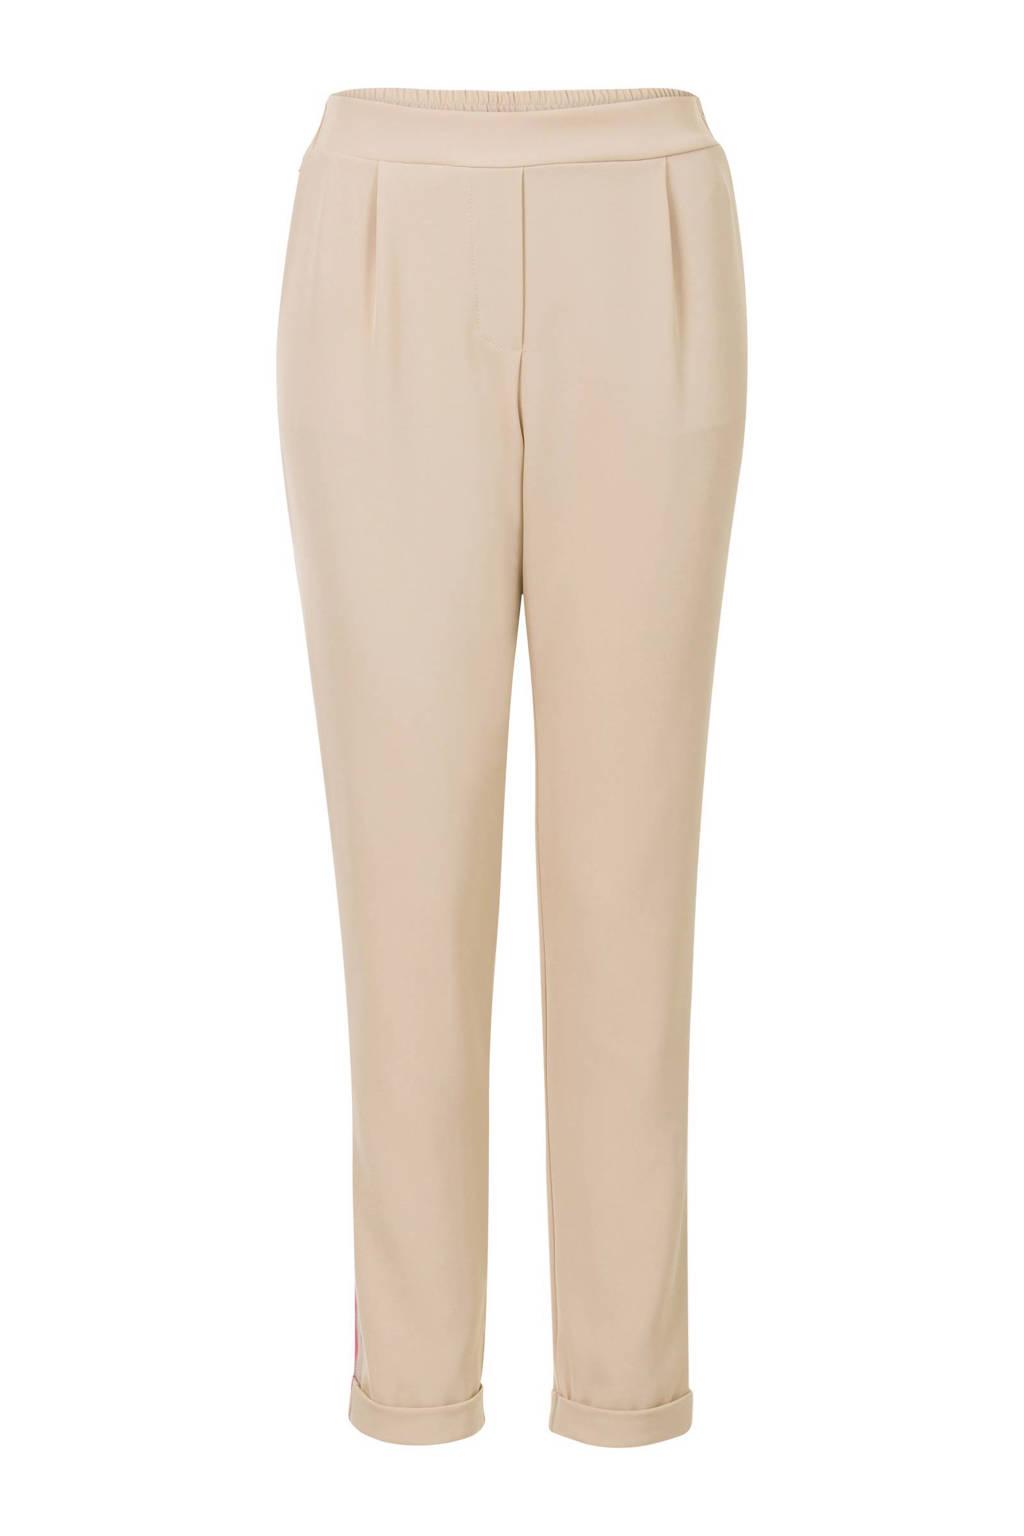 Steps tapered fit broek met zijstreep beige, Beige/roze